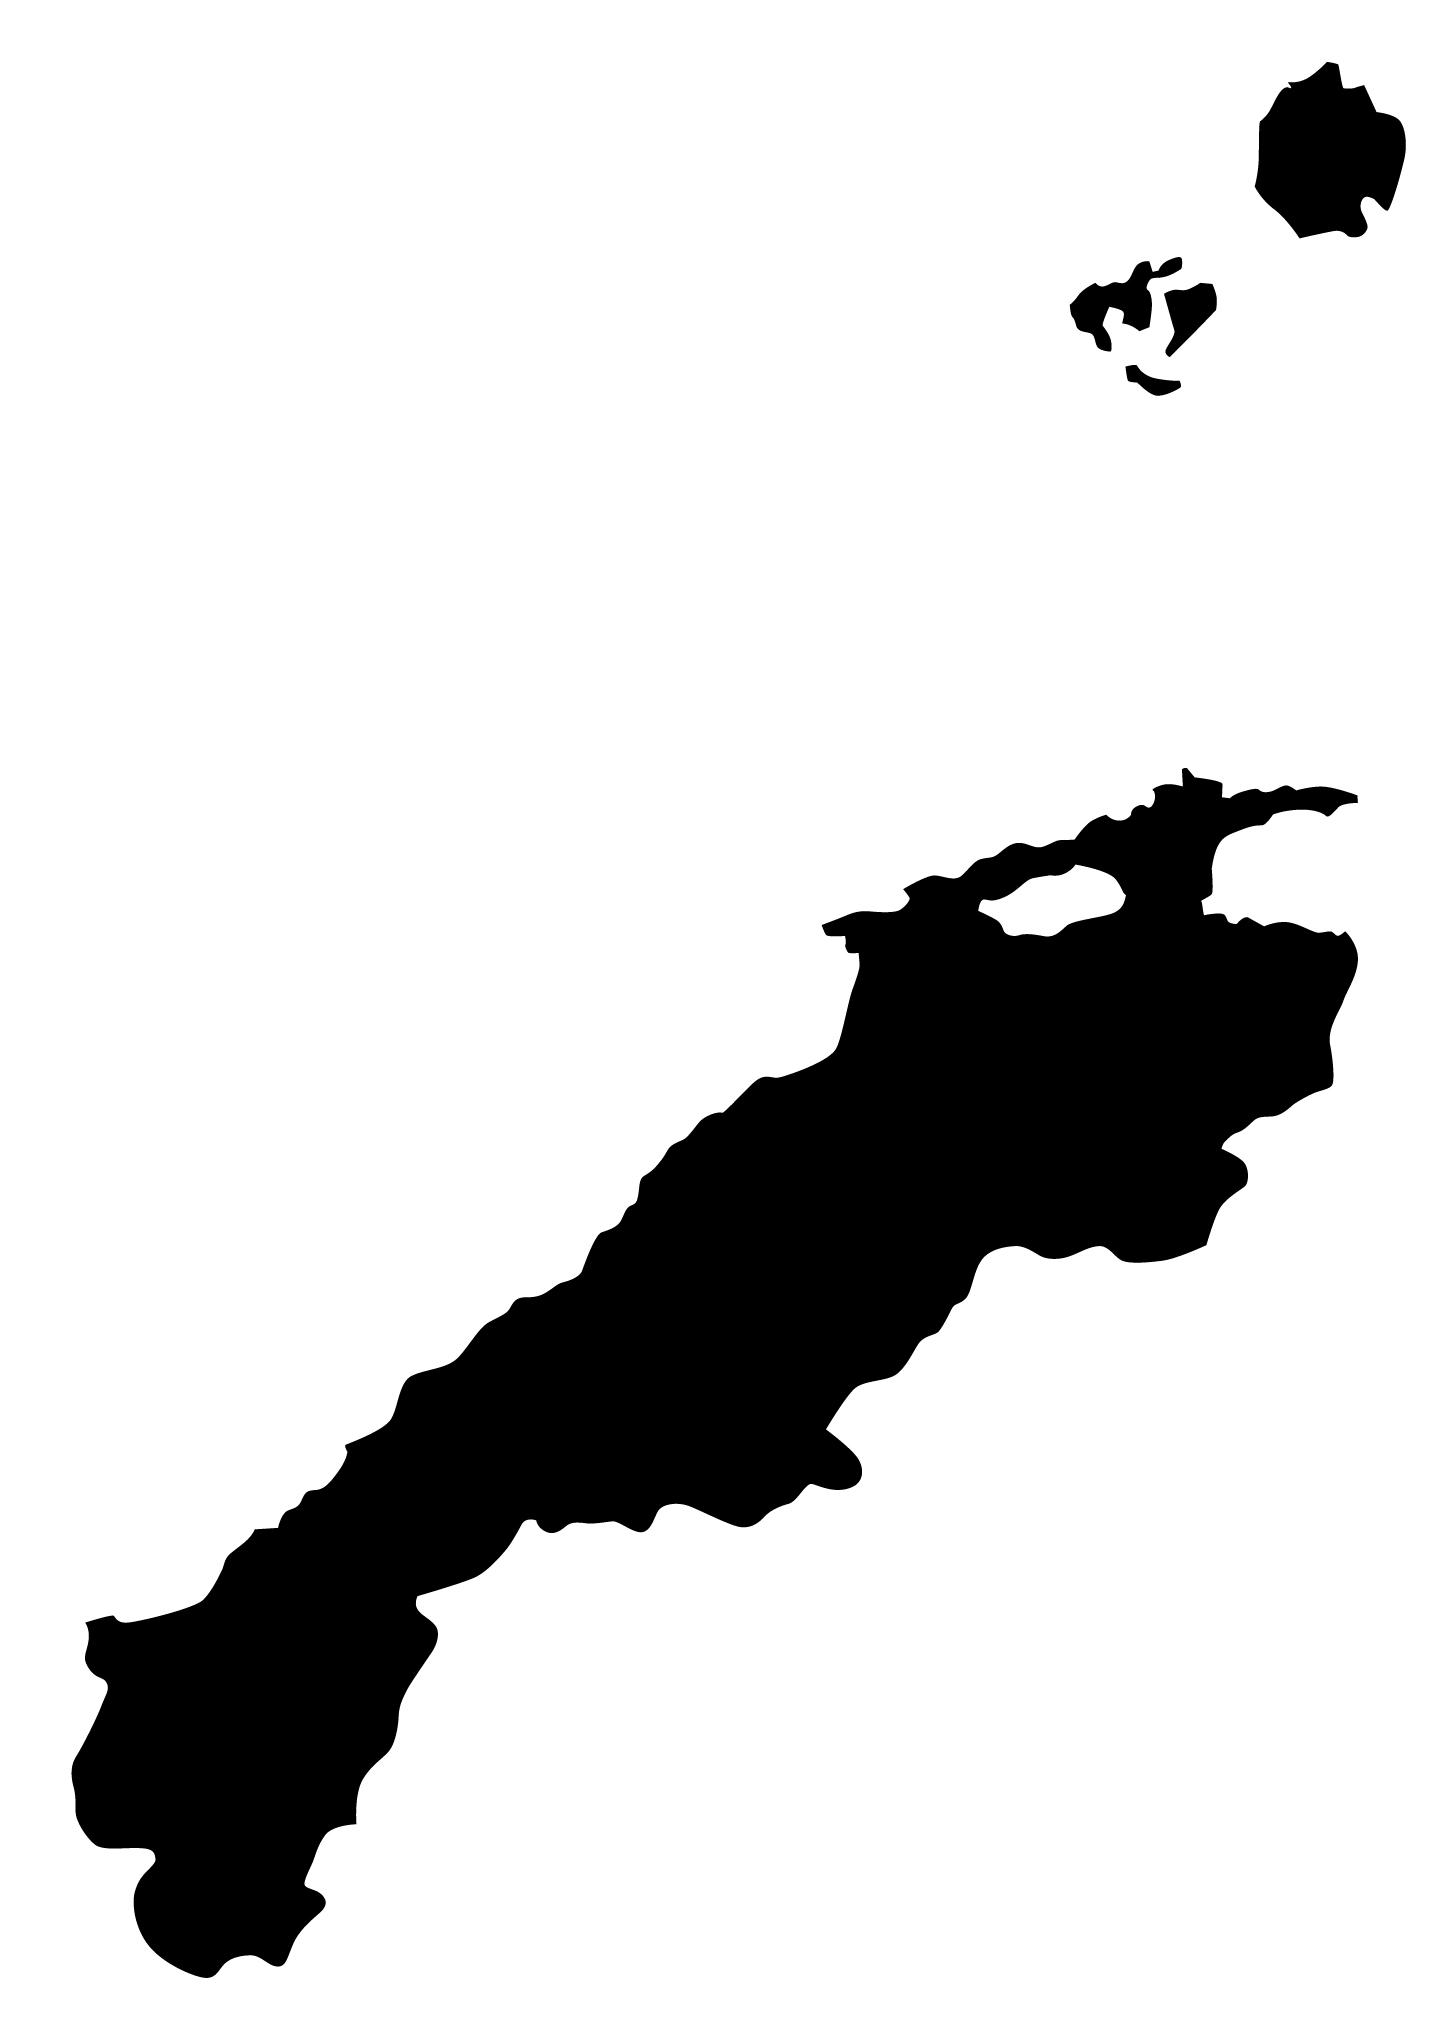 島根県無料フリーイラスト|文字なし(黒)